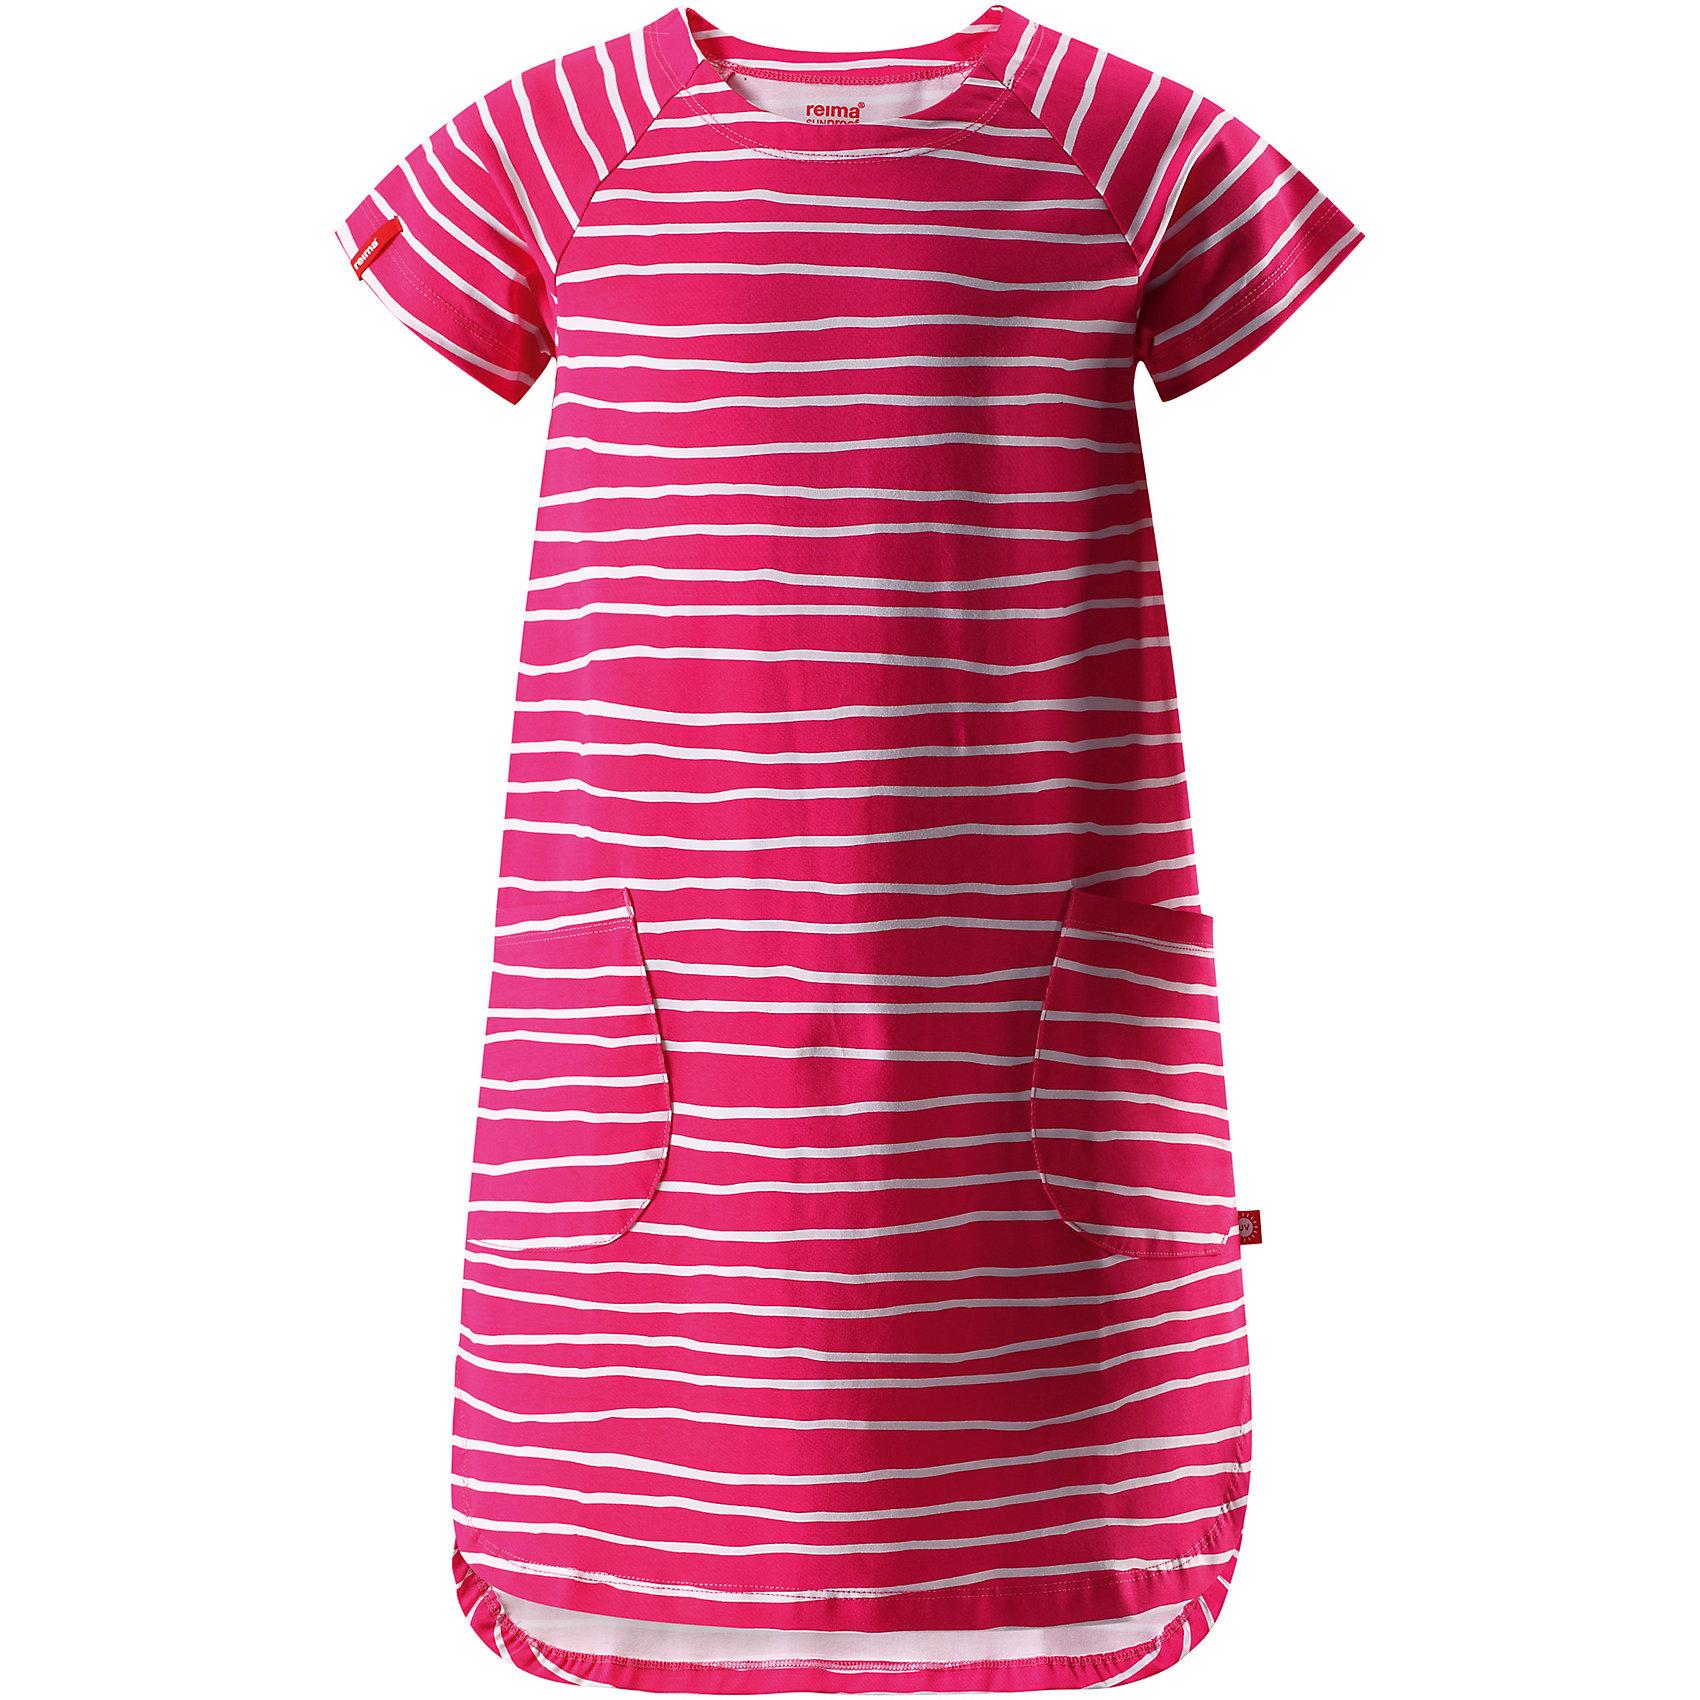 Платье для девочки ReimaОдежда<br>Характеристики товара:<br><br>• цвет: красный<br>• состав: 95% хлопок, 5% эластан<br>• удобный эластичный материал<br>• трапециевидный силуэт<br>• два накладных кармана<br>• страна бренда: Финляндия<br>• страна производства: Китай<br><br>Одежда может быть модной и комфортной одновременно! Удобное симпатичное платье поможет обеспечить ребенку комфорт - оно не стесняет движения и удобно сидит. Стильный дизайн разрабатывался специально для детей.<br><br>Уход:<br><br>• стирать и гладить, вывернув наизнанку<br>• стирать с бельем одинакового цвета<br>• стирать моющим средством, не содержащим отбеливающие вещества<br>• полоскать без специального средства<br>• придать первоначальную форму вo влажном виде.<br><br>Платье для девочки от финского бренда Reima (Рейма) можно купить в нашем интернет-магазине.<br><br>Ширина мм: 236<br>Глубина мм: 16<br>Высота мм: 184<br>Вес г: 177<br>Цвет: розовый<br>Возраст от месяцев: 60<br>Возраст до месяцев: 72<br>Пол: Женский<br>Возраст: Детский<br>Размер: 116,140,110,104,134,128,122<br>SKU: 5268174